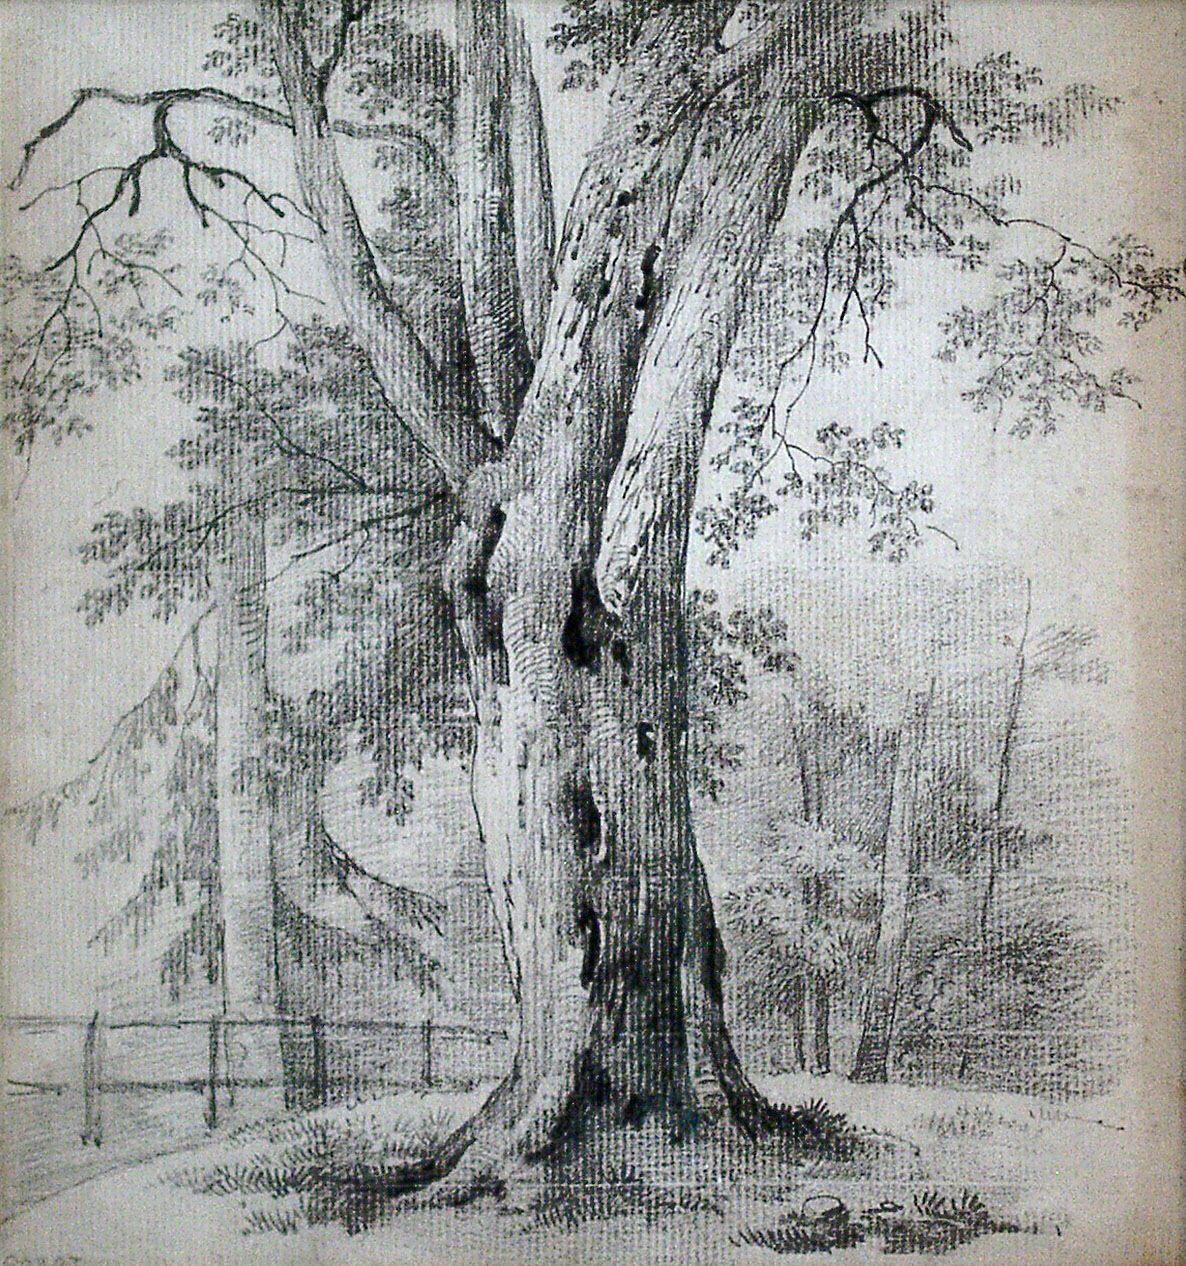 привлекательный, дерево рисунок графика картинки видео про